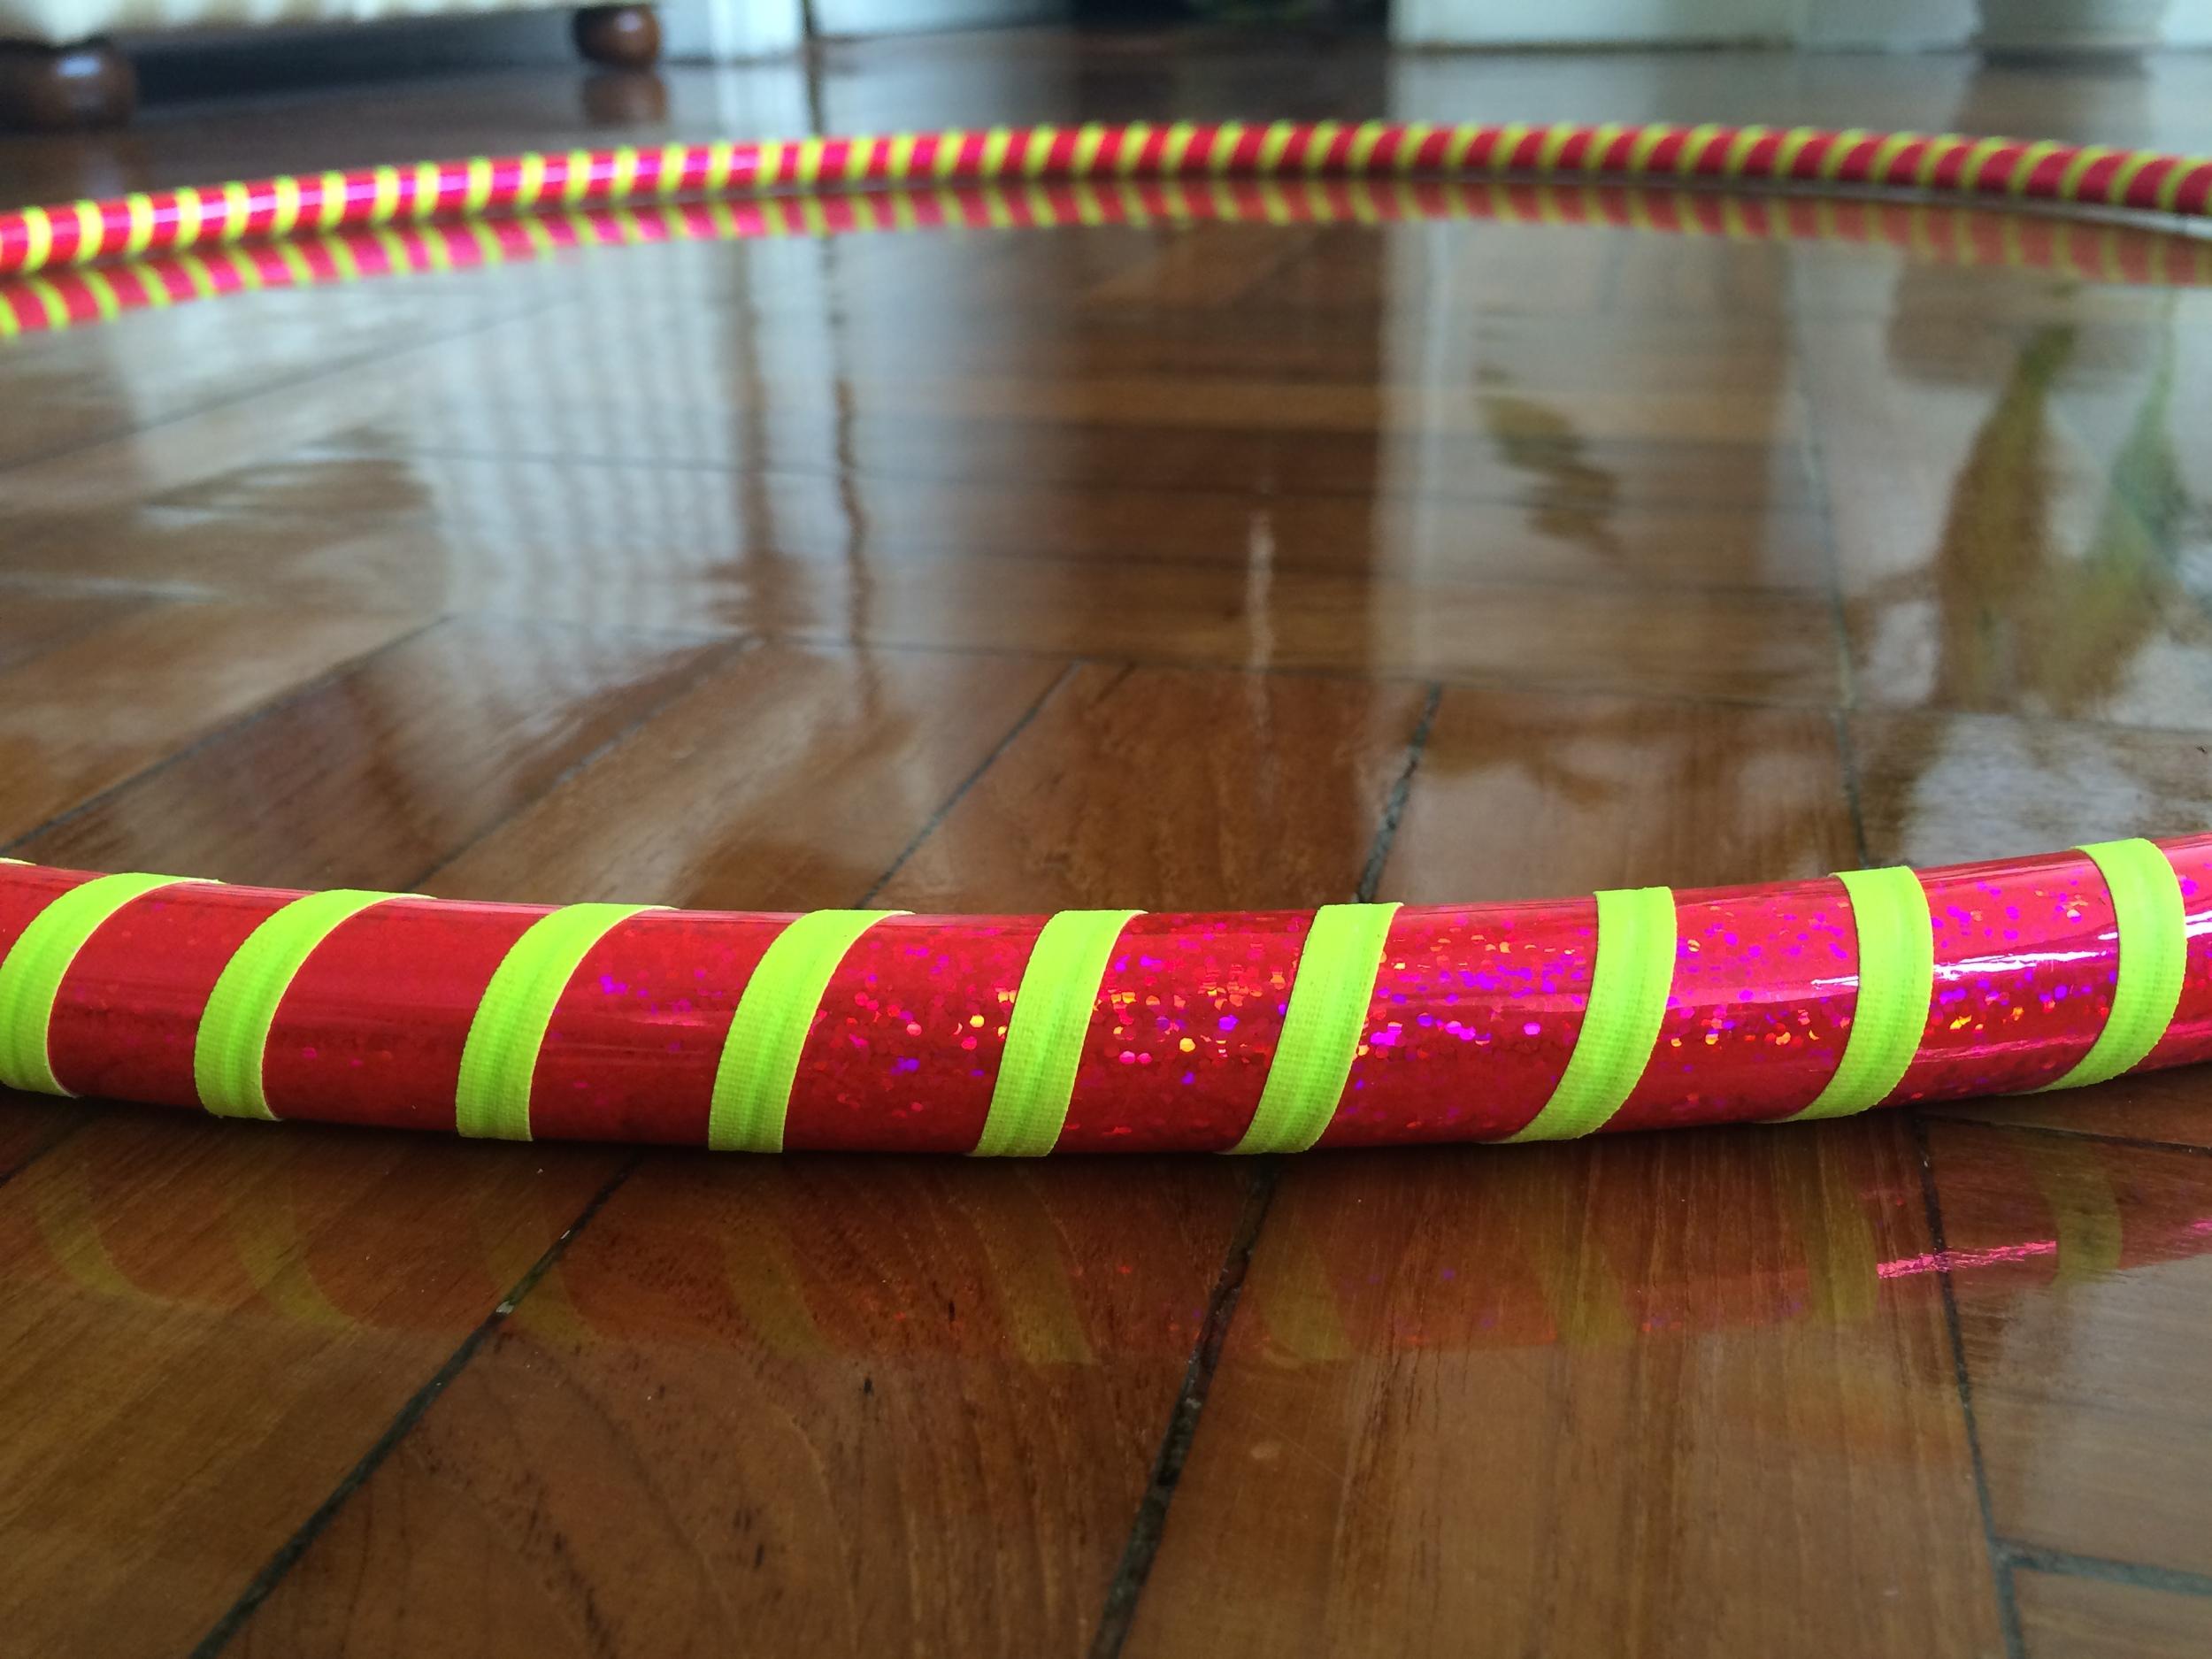 buy a hula hoop hong kong 香港呼啦圈選購